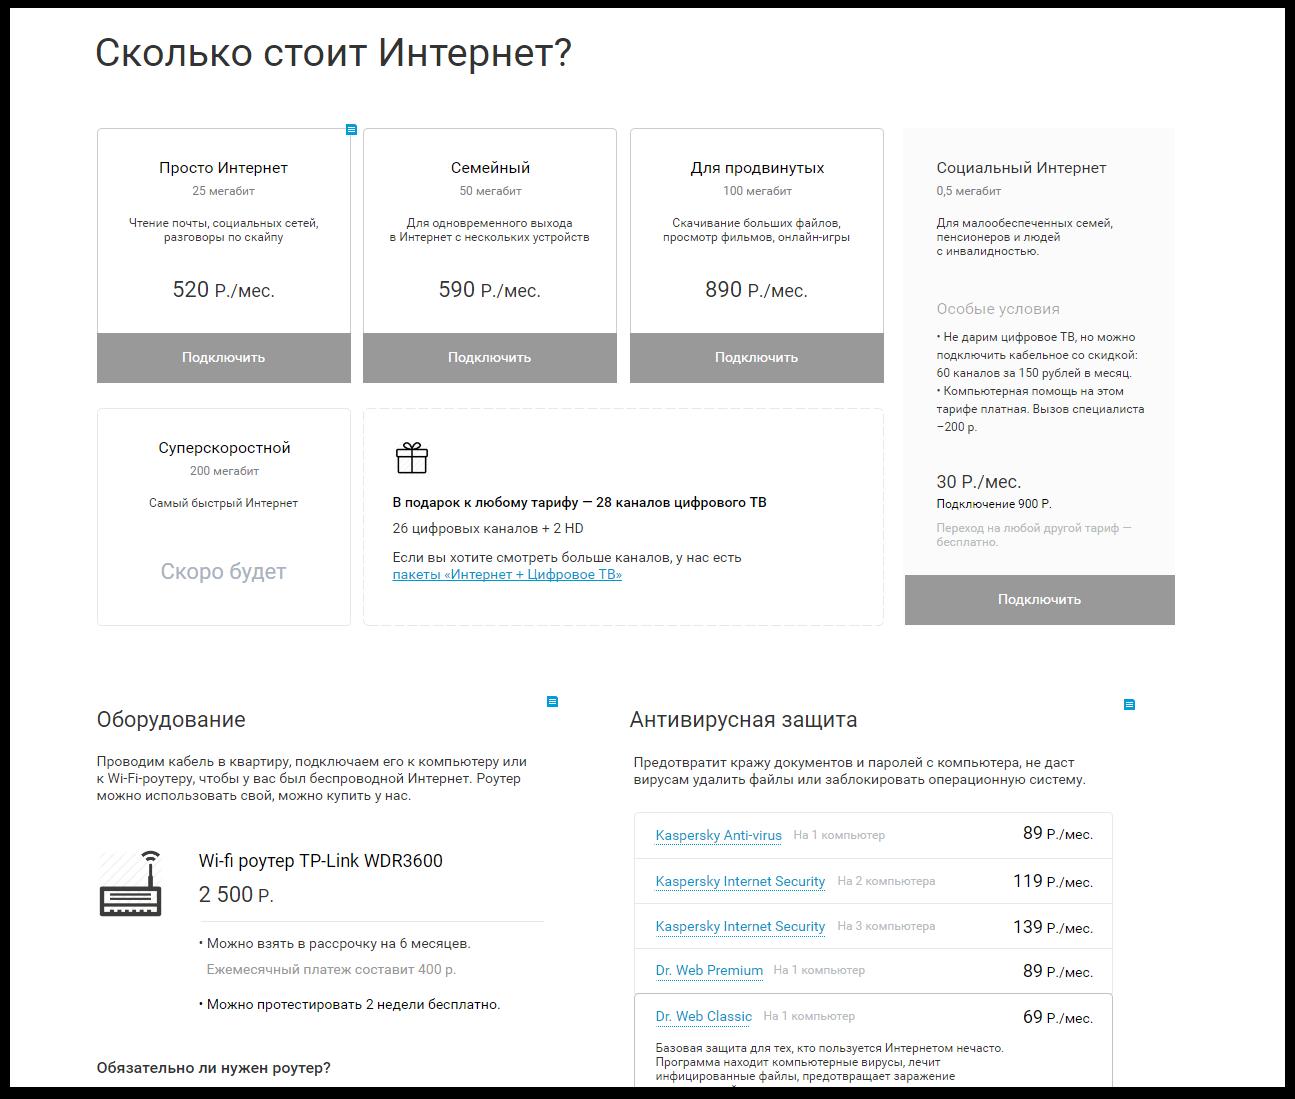 SobakaPav.ru | Страница информации о стоимости подключения интернета с ненавязчивой рекламой